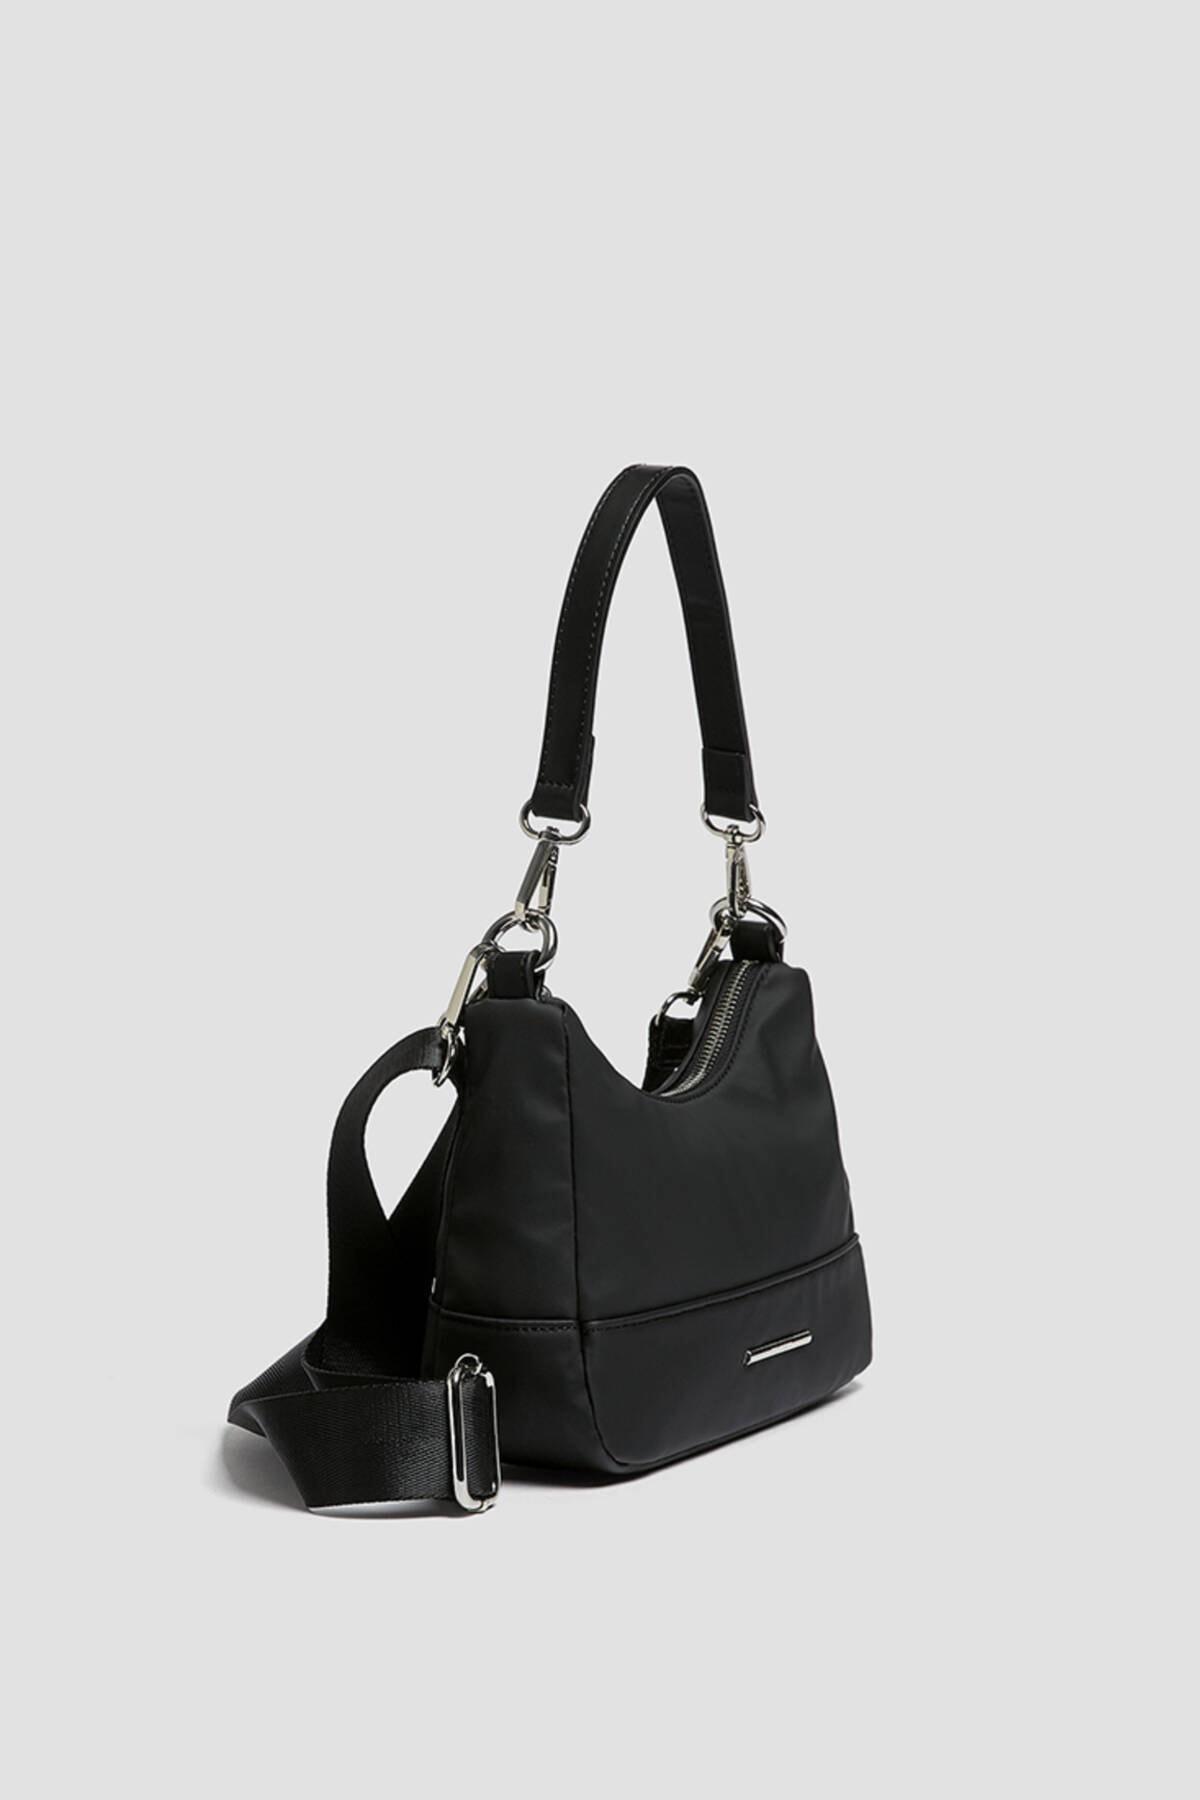 حرید اینترنتی کیف دستی دخترانه ارزان برند Pull & Bear رنگ مشکی کد ty89702843